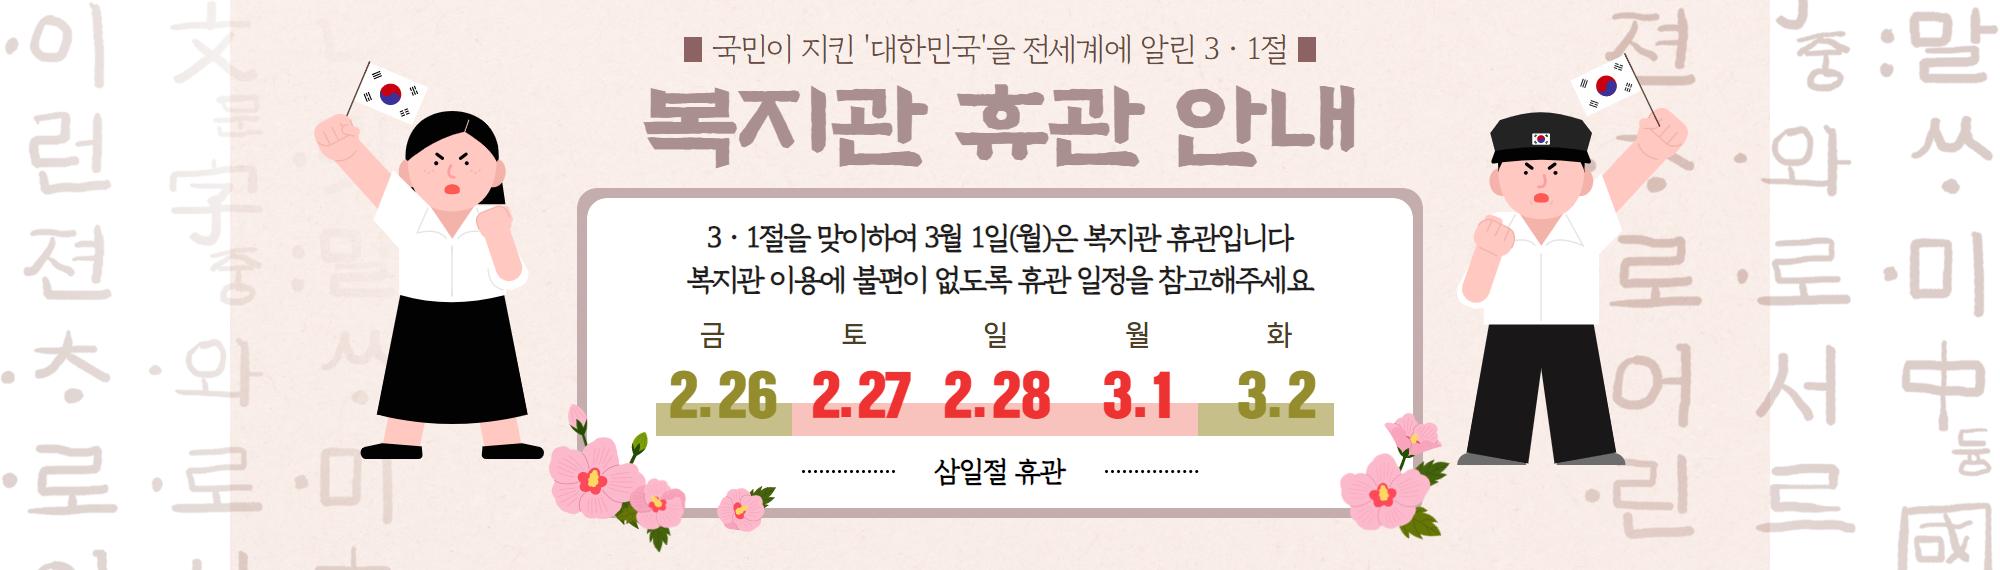 #복지관 휴관 안내 #삼일절을 맞이하여 3월 1일(월)은 복지관 휴관입니다 #복지관 이용에 불편이 없도록 휴관 일정을 참고해주세요